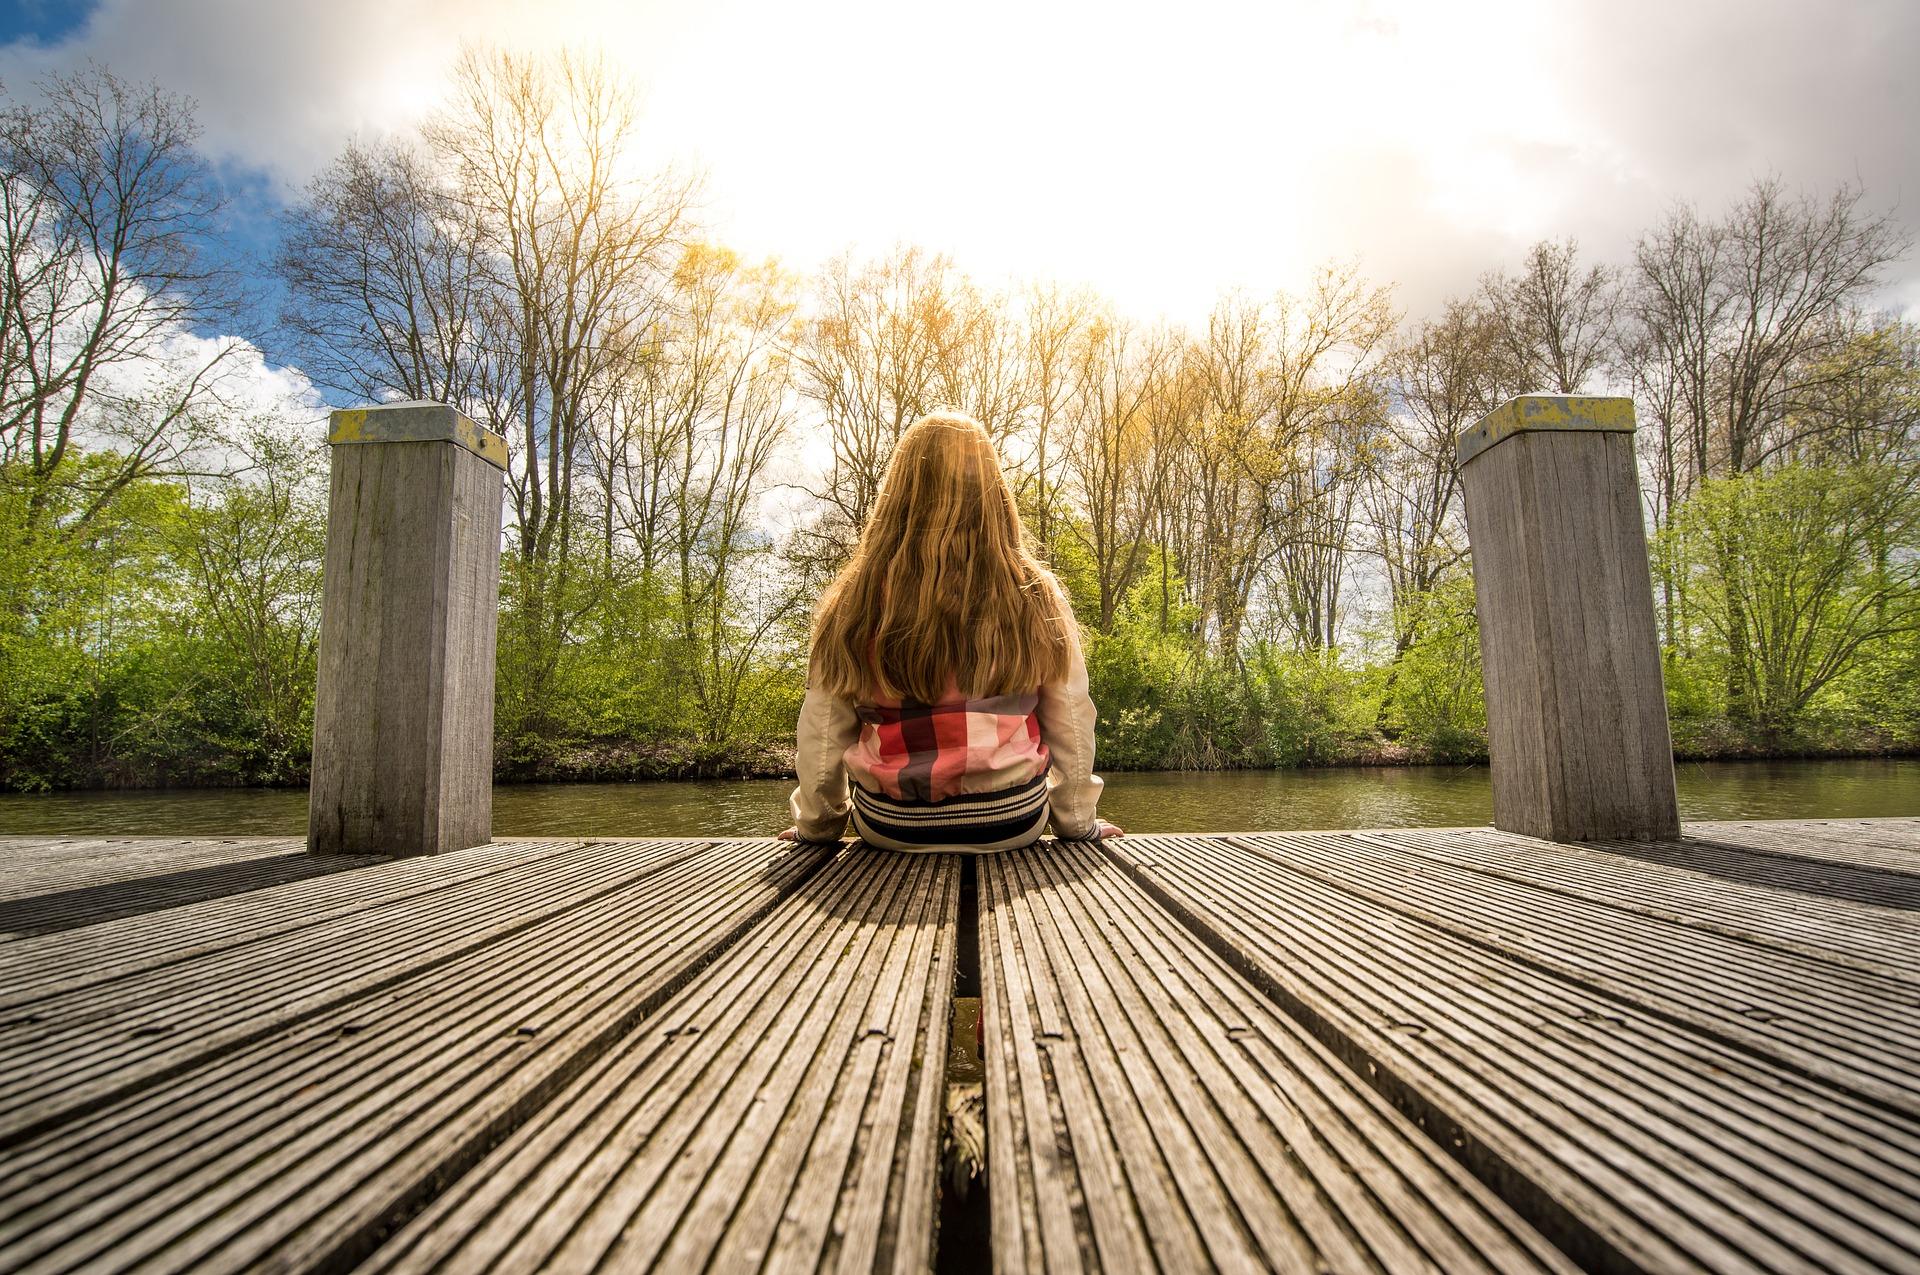 座って自然を眺める女性